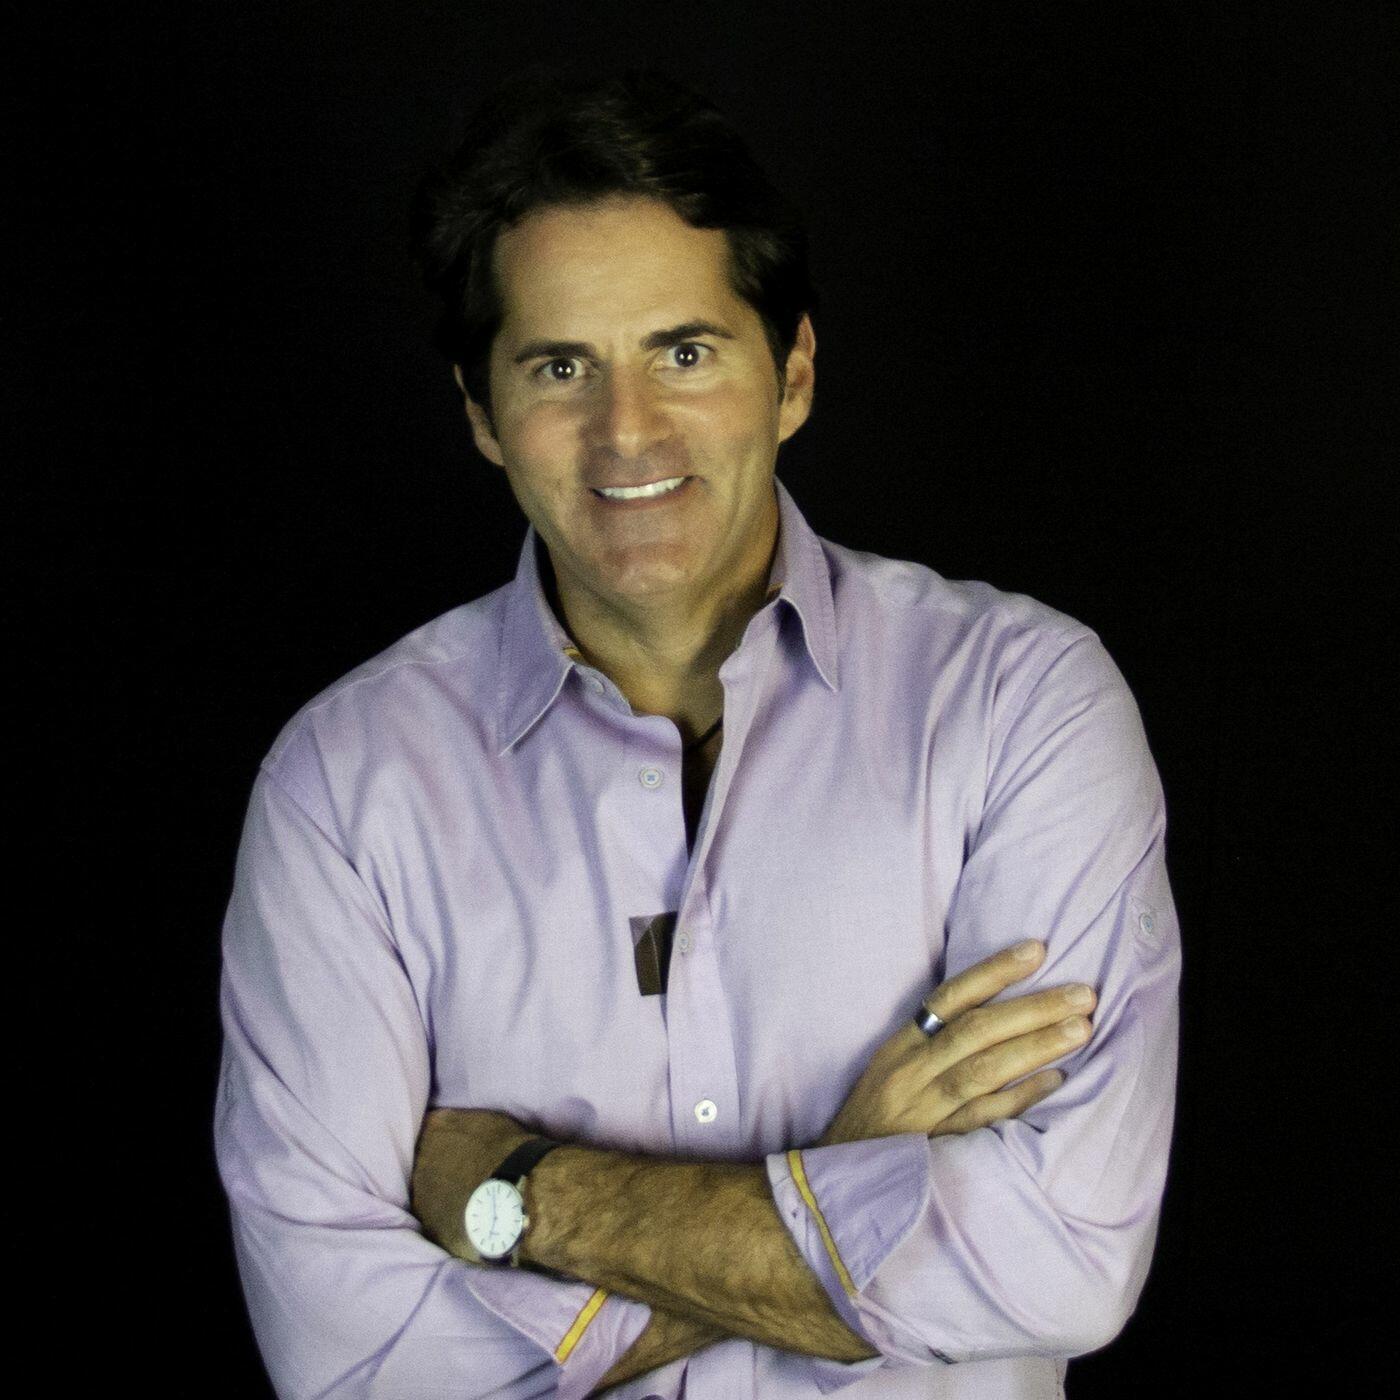 Michael Garfield: The High Tech Texan